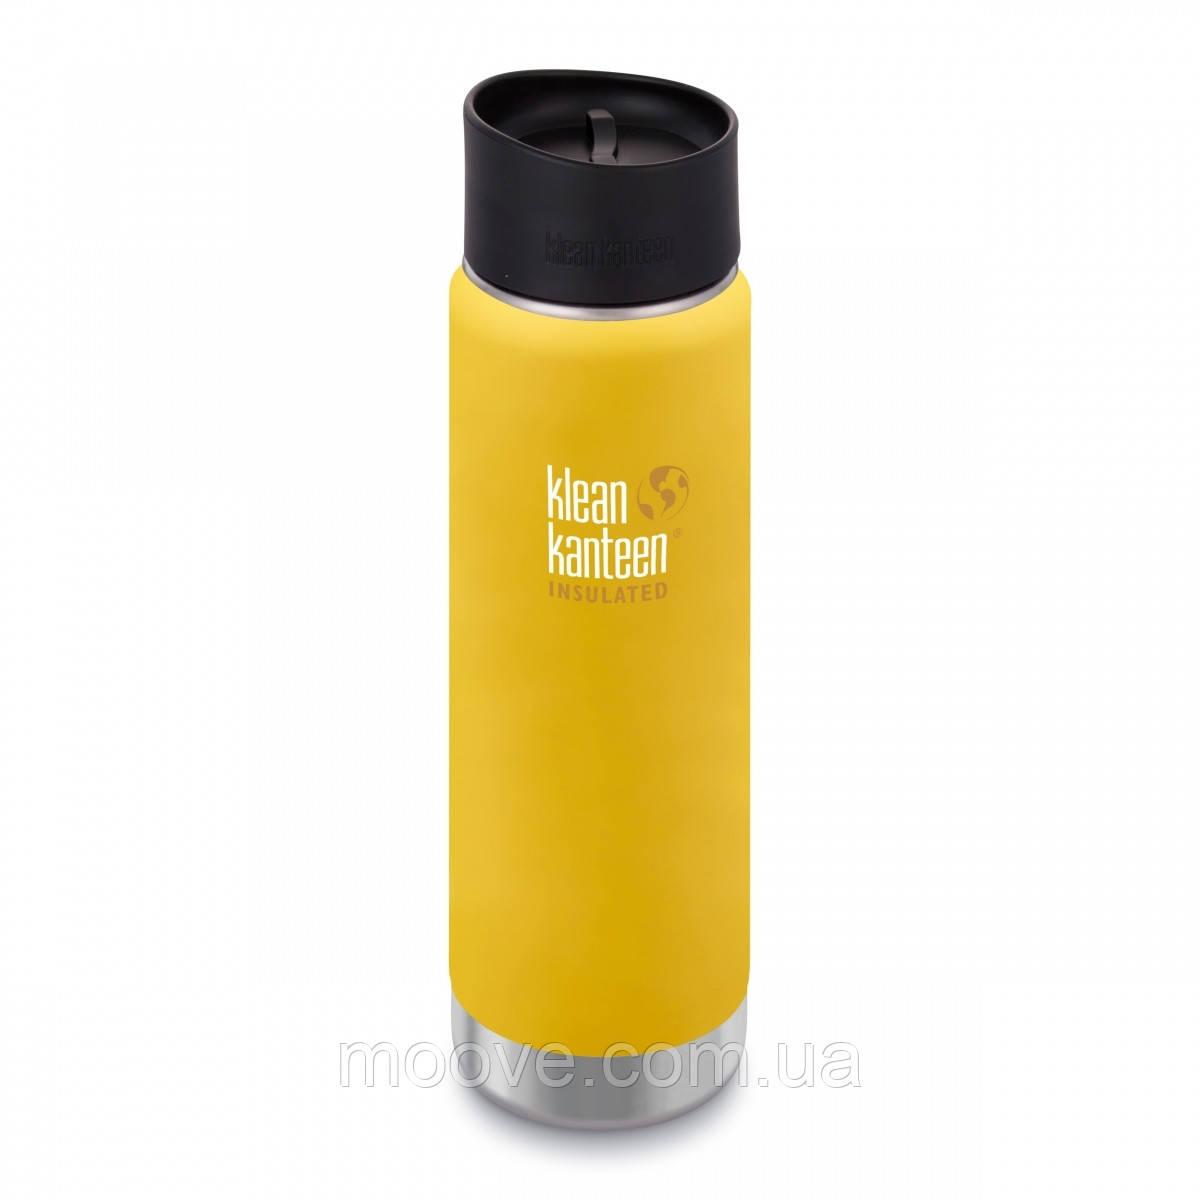 Klean Kanteen Wide Vacuum Insulated Cafe Cap 592 ml Lemon Curry matt